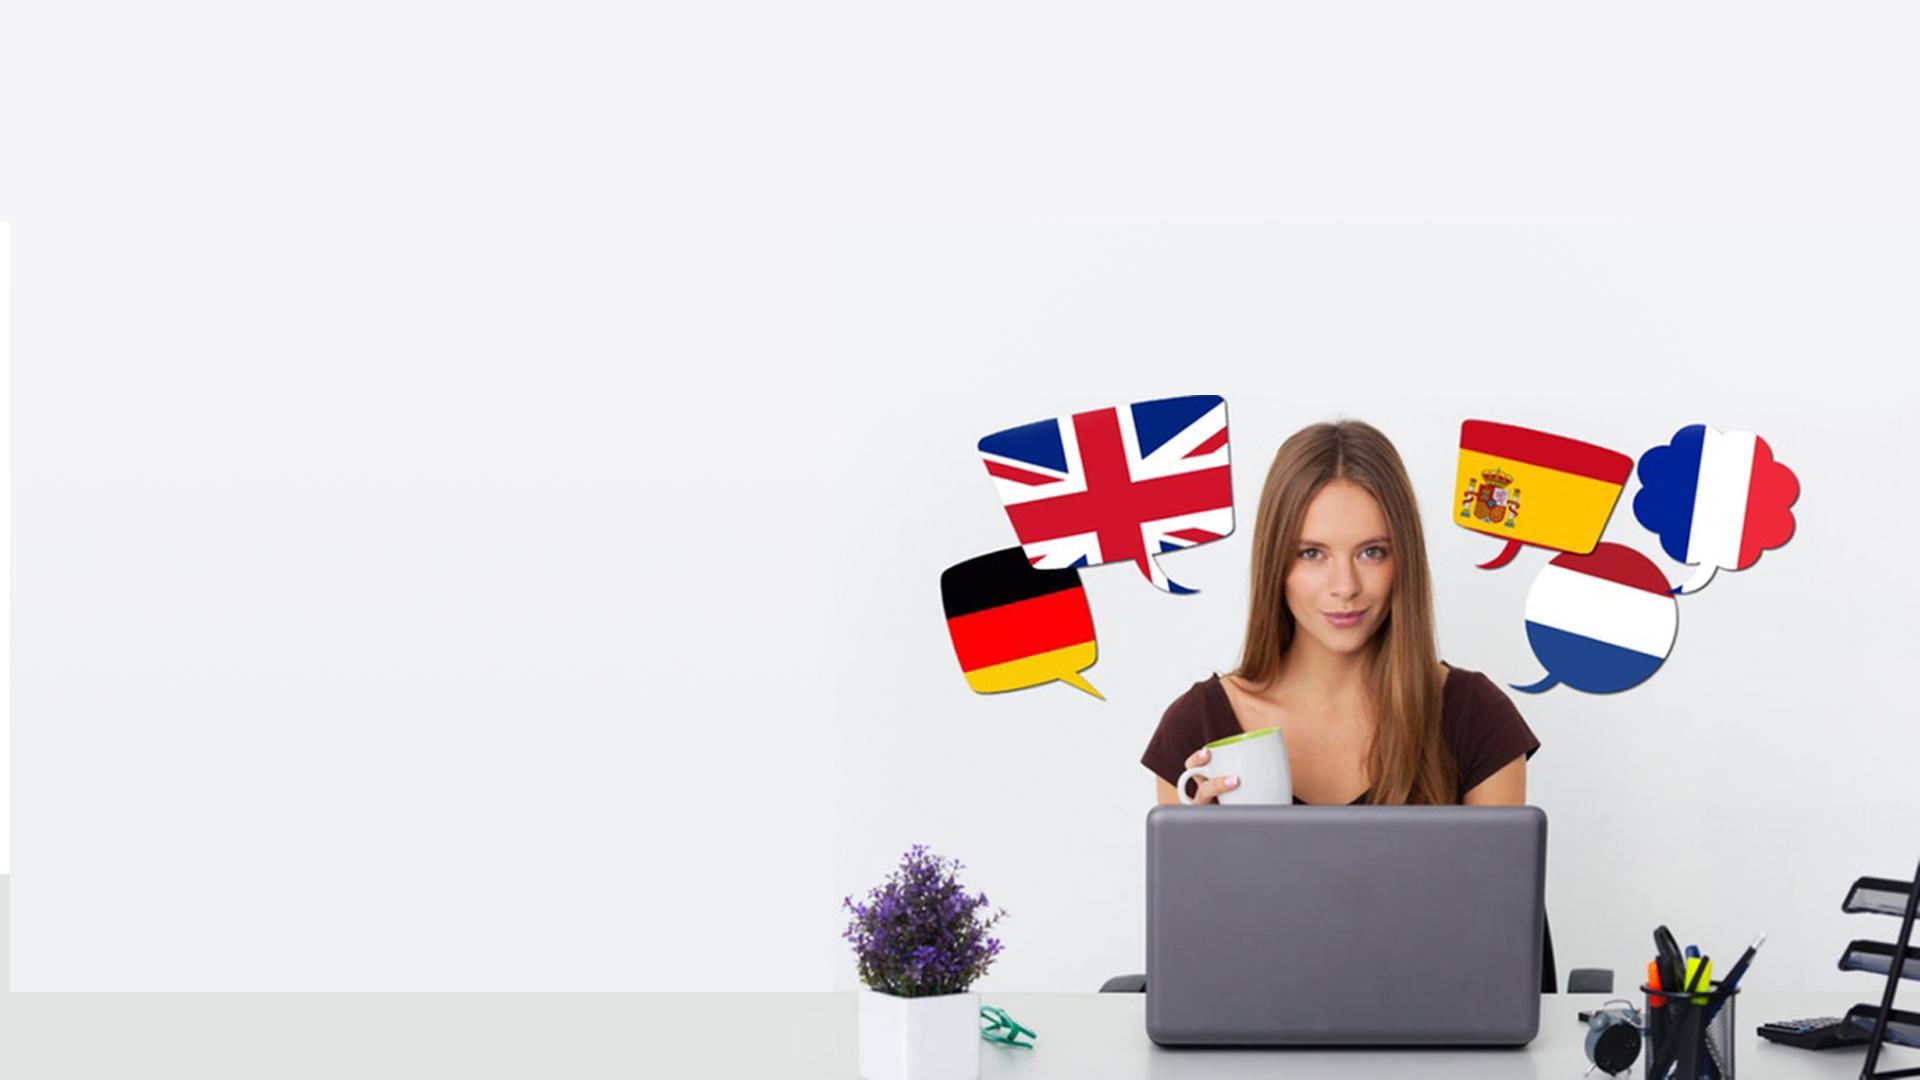 """<span style=""""color: #fff;"""">Langues étrangères</span> <h4 style=""""color: #fff;""""> Français – Anglais – Espagnole – Italien – Allemand – Néerlandais</h4><br/>"""